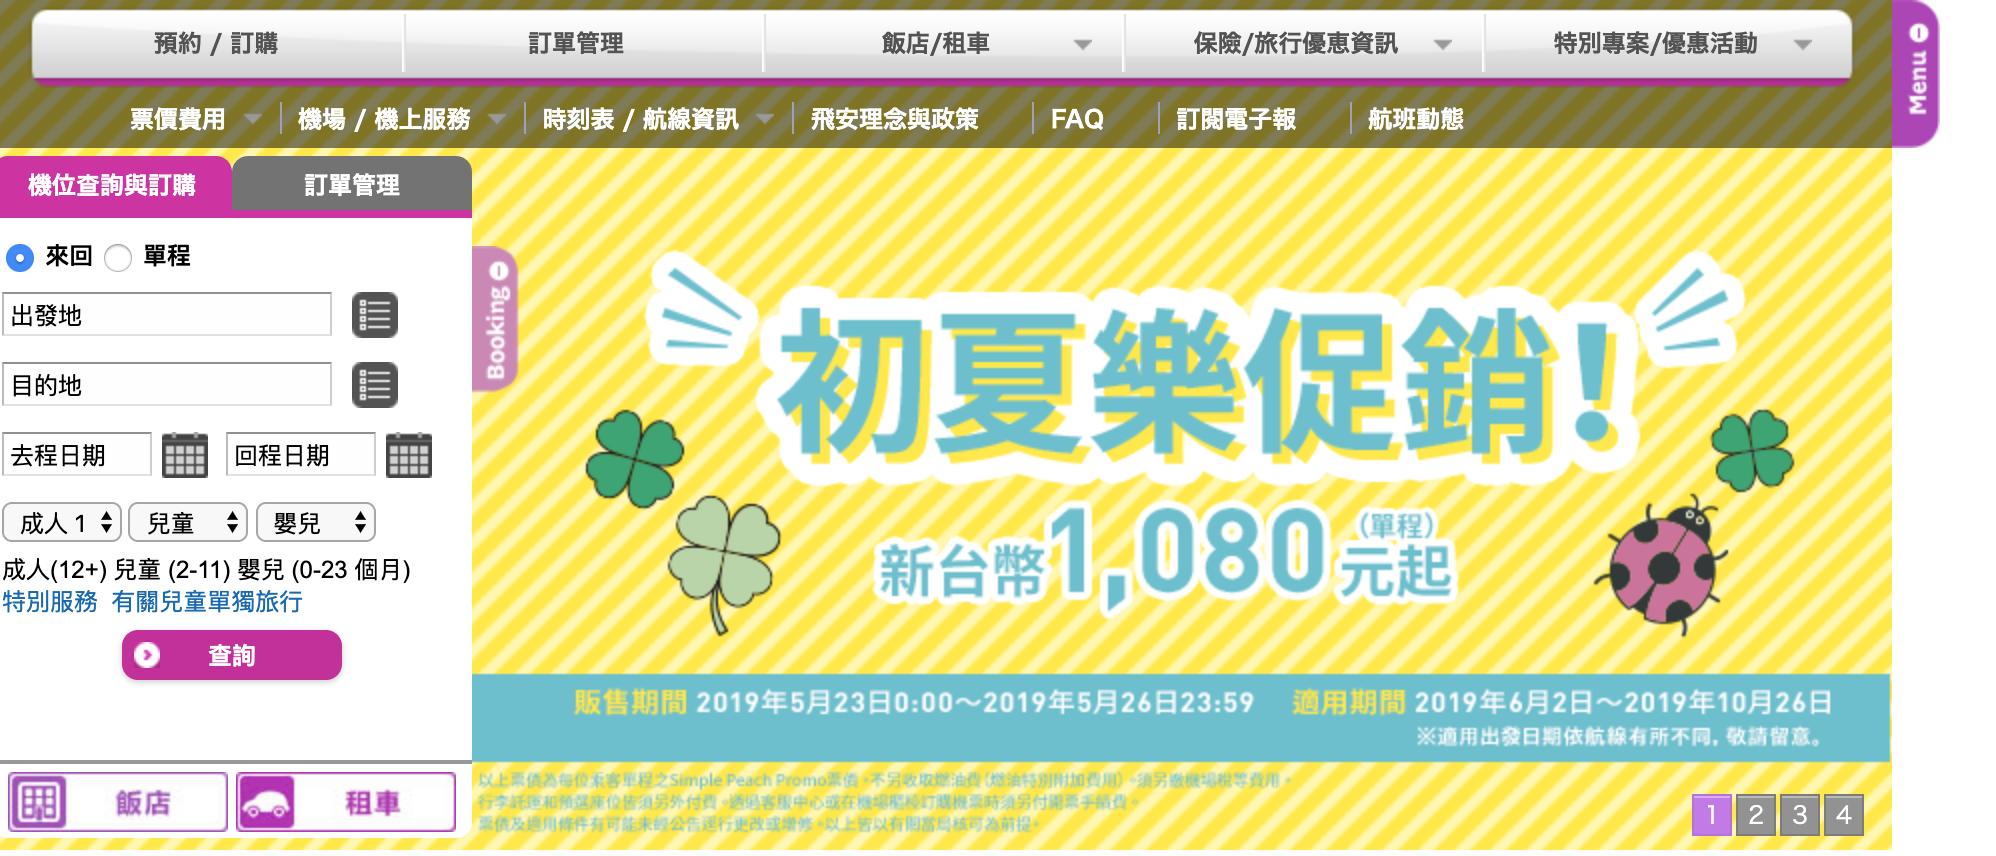 樂桃航空促銷,北海道機票最低5K起(查票:108.5.24)